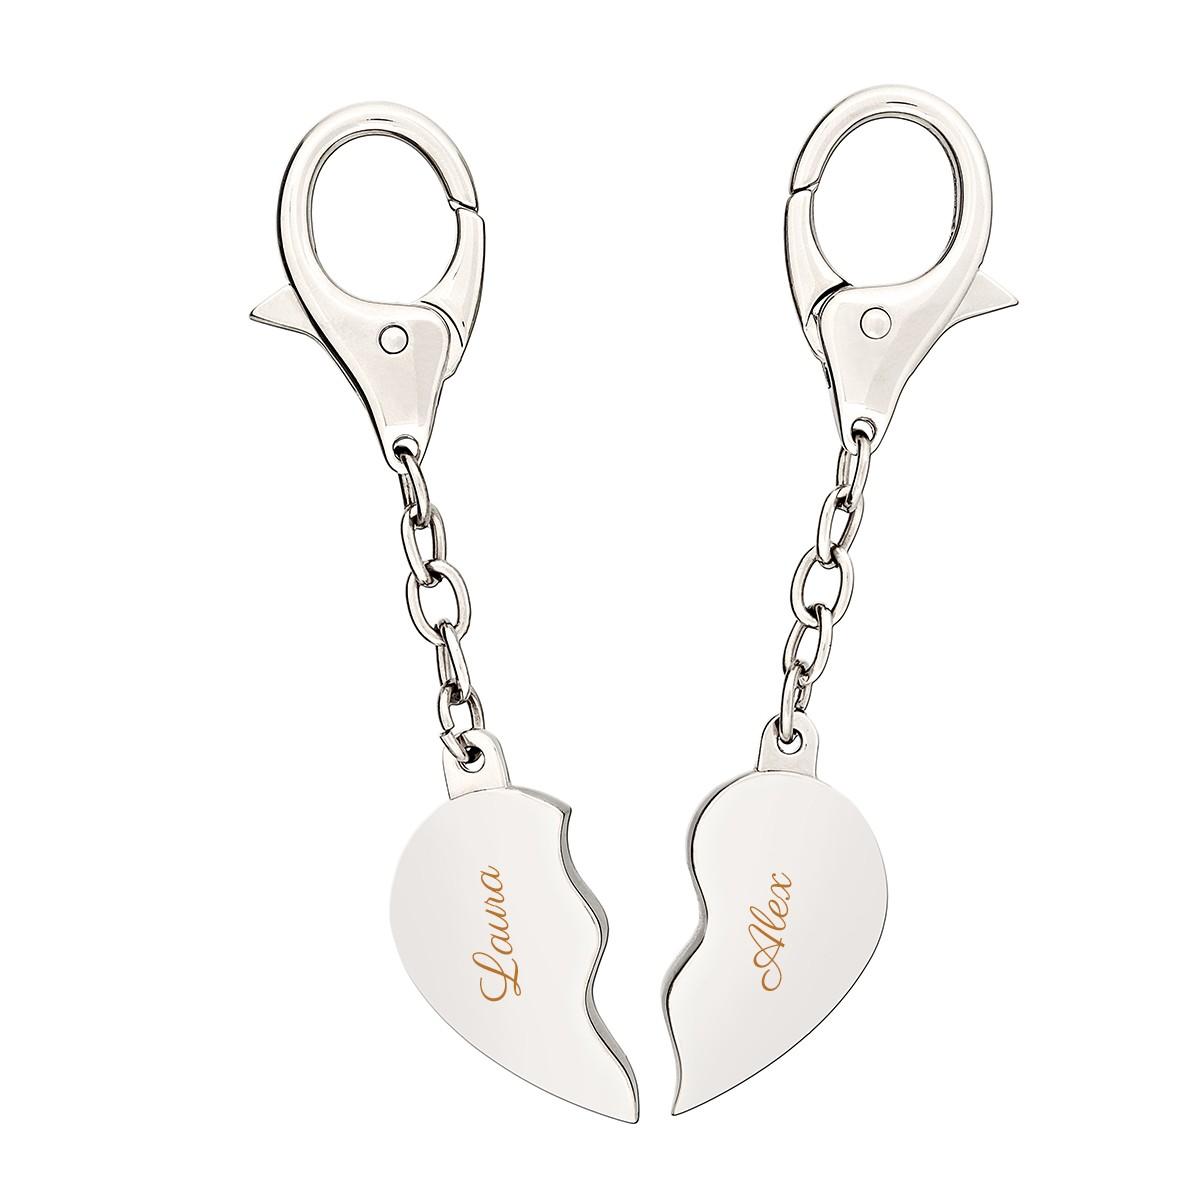 Srebrny brelok:  połówki serca z grawerem